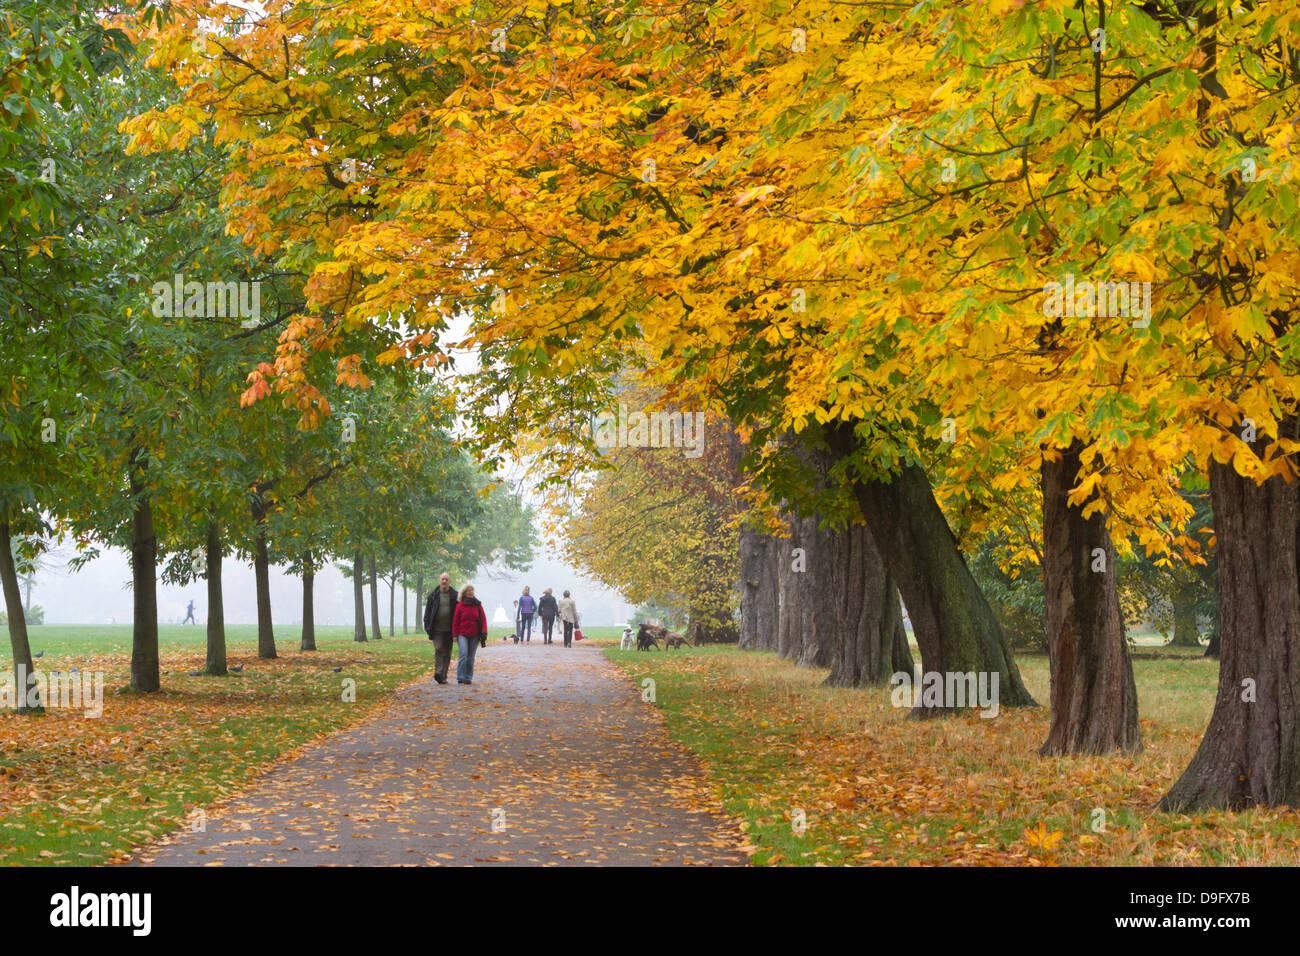 Les arbres d'automne, Hyde Park, London, England, UK Photo Stock